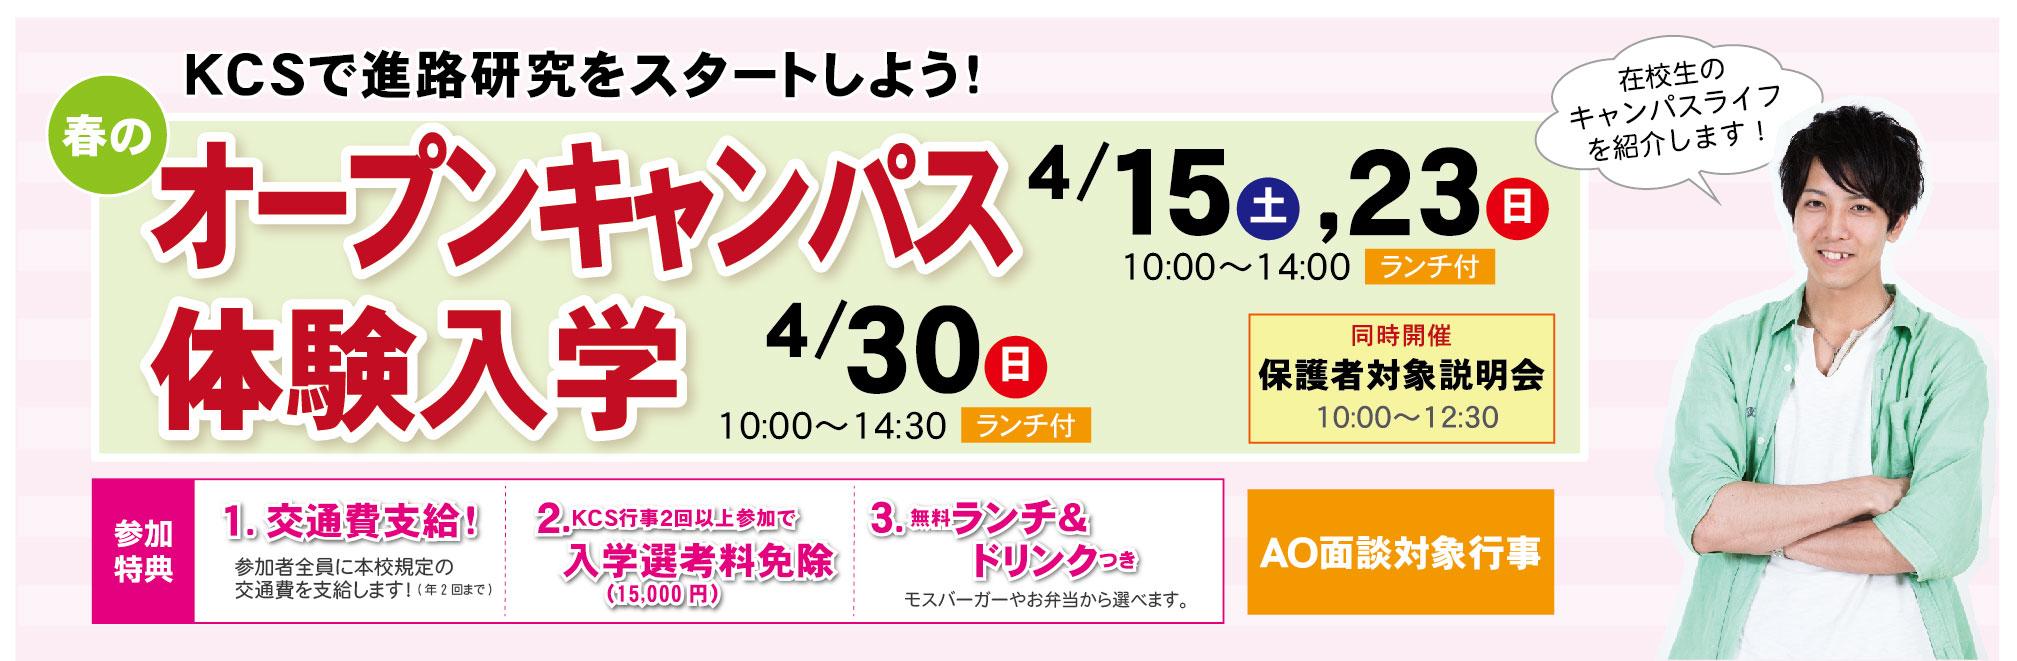 進路研究フェスタ 3/19(日)